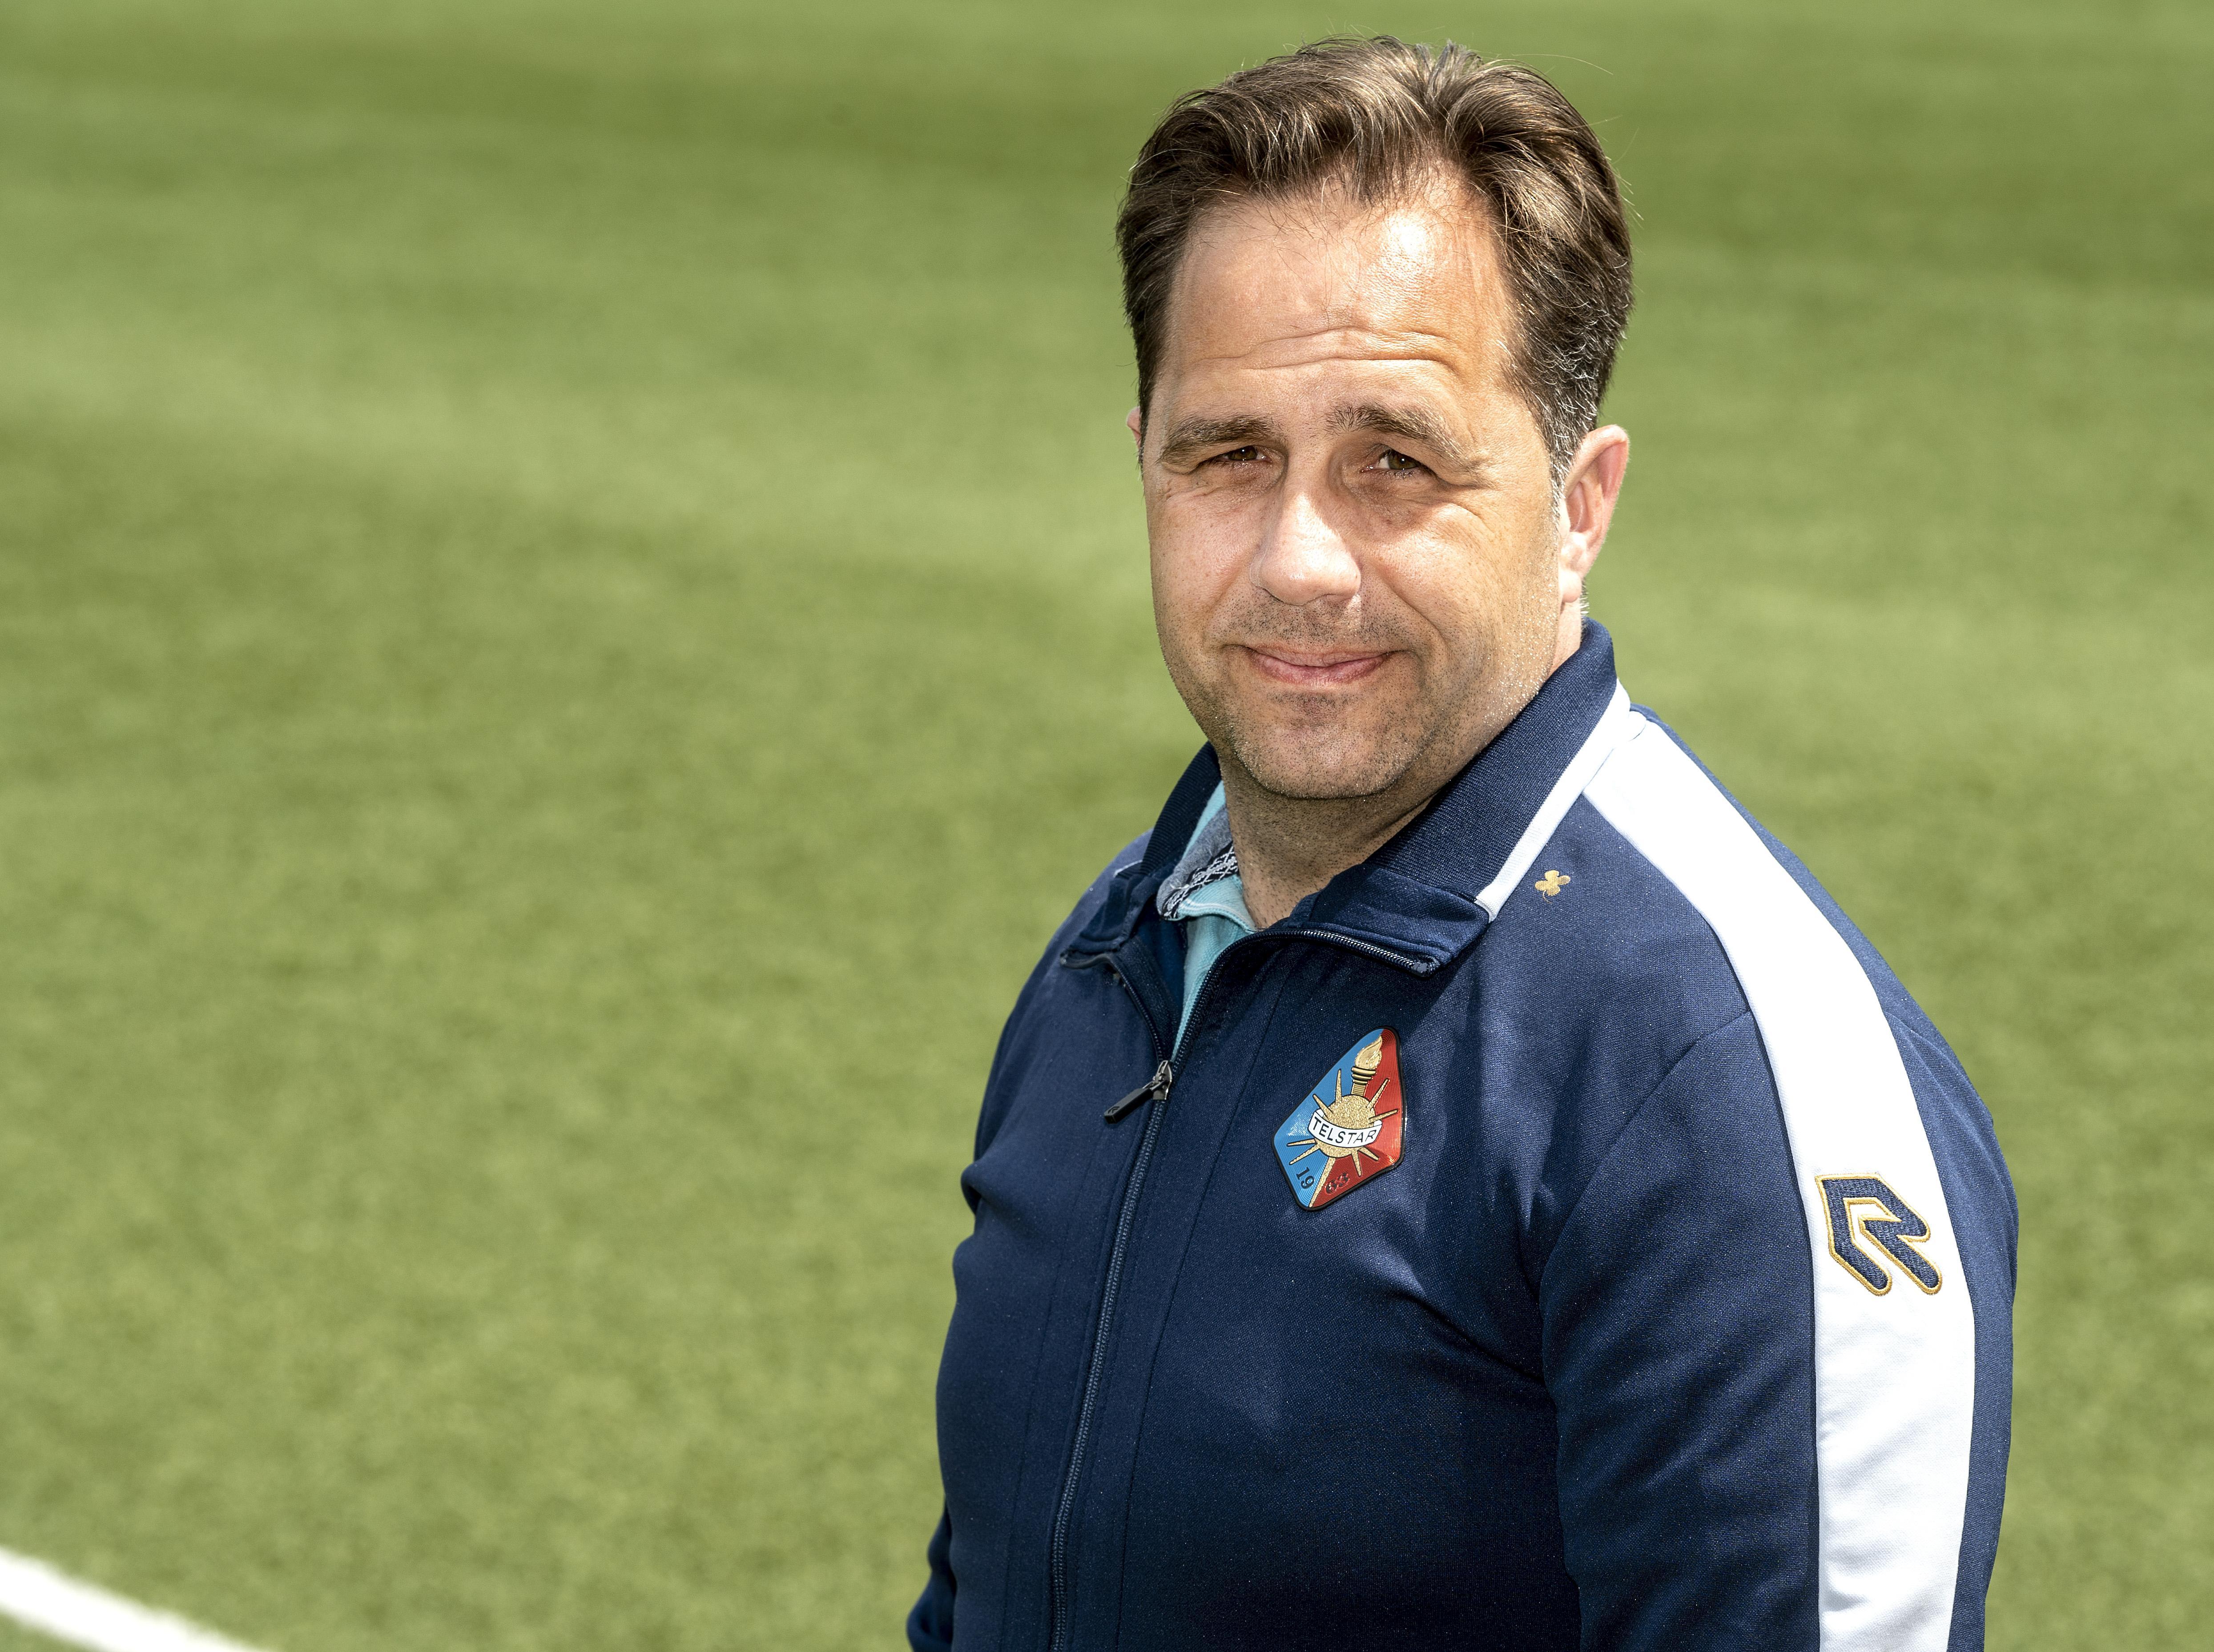 Vrouwen terug bij Telstar, trainer Hans de Winter: 'Een beloftenteam past bij de ontwikkeling van het vrouwenvoetbal in deze regio